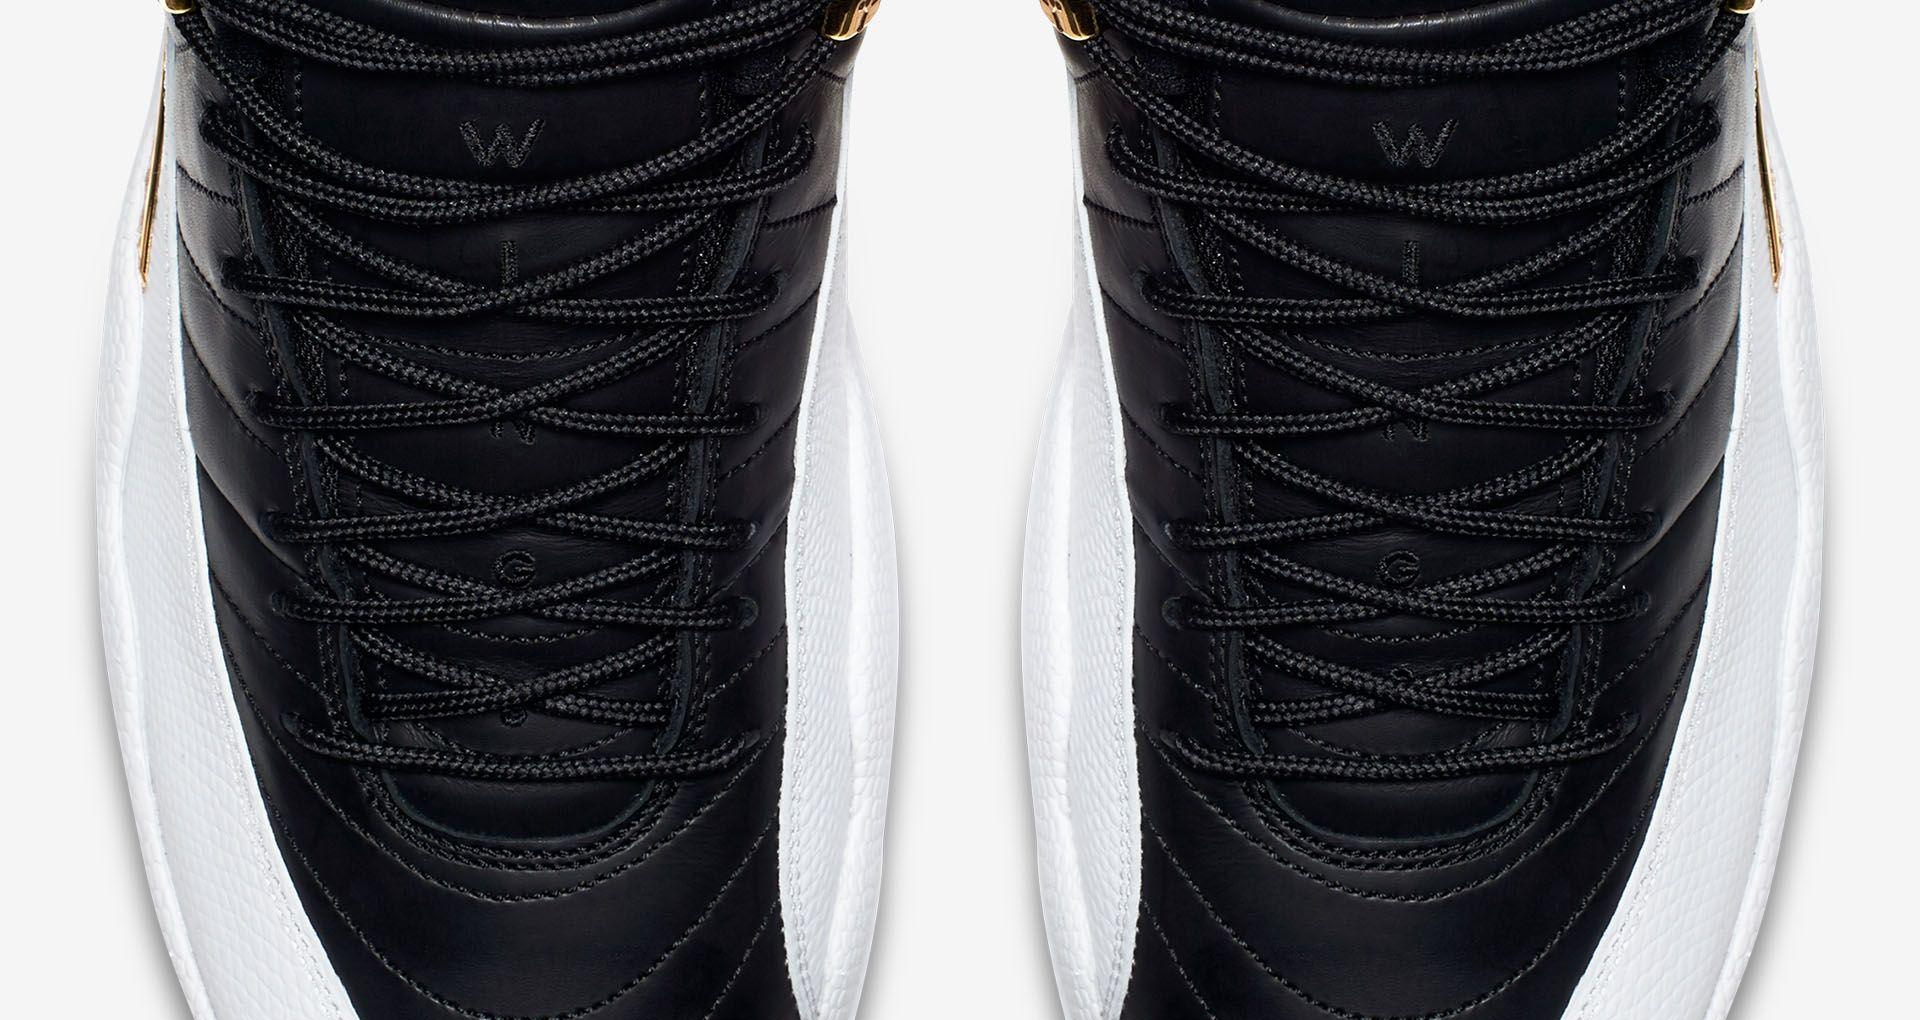 promo code 729dc 942a7 Air Jordan 12 Retro 'Wings' Release Date. Nike+ SNKRS